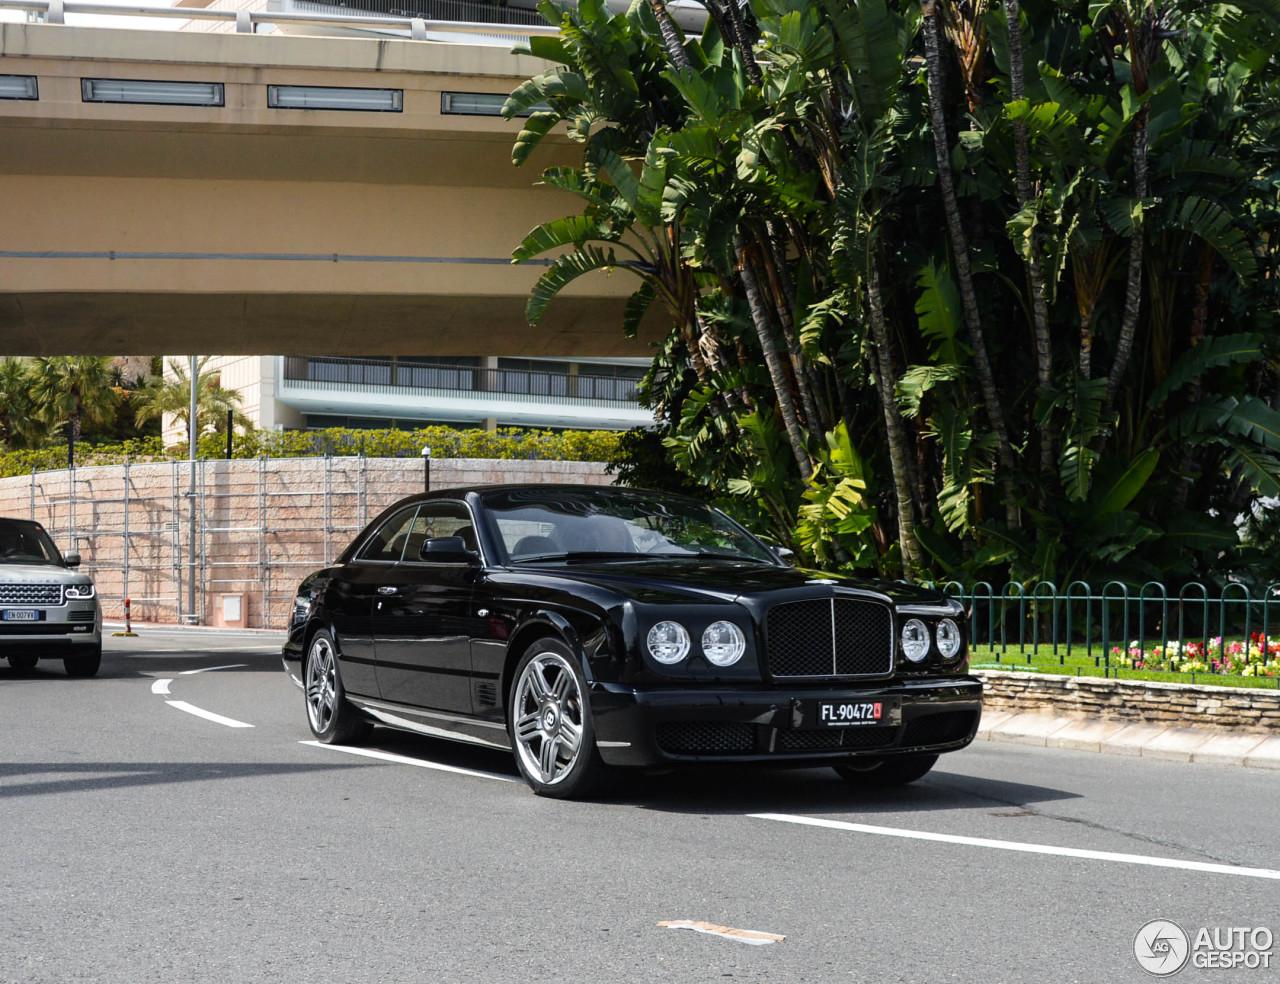 Bentley brooklands 2008 16 may 2015 autogespot 3 i bentley brooklands 2008 3 vanachro Choice Image